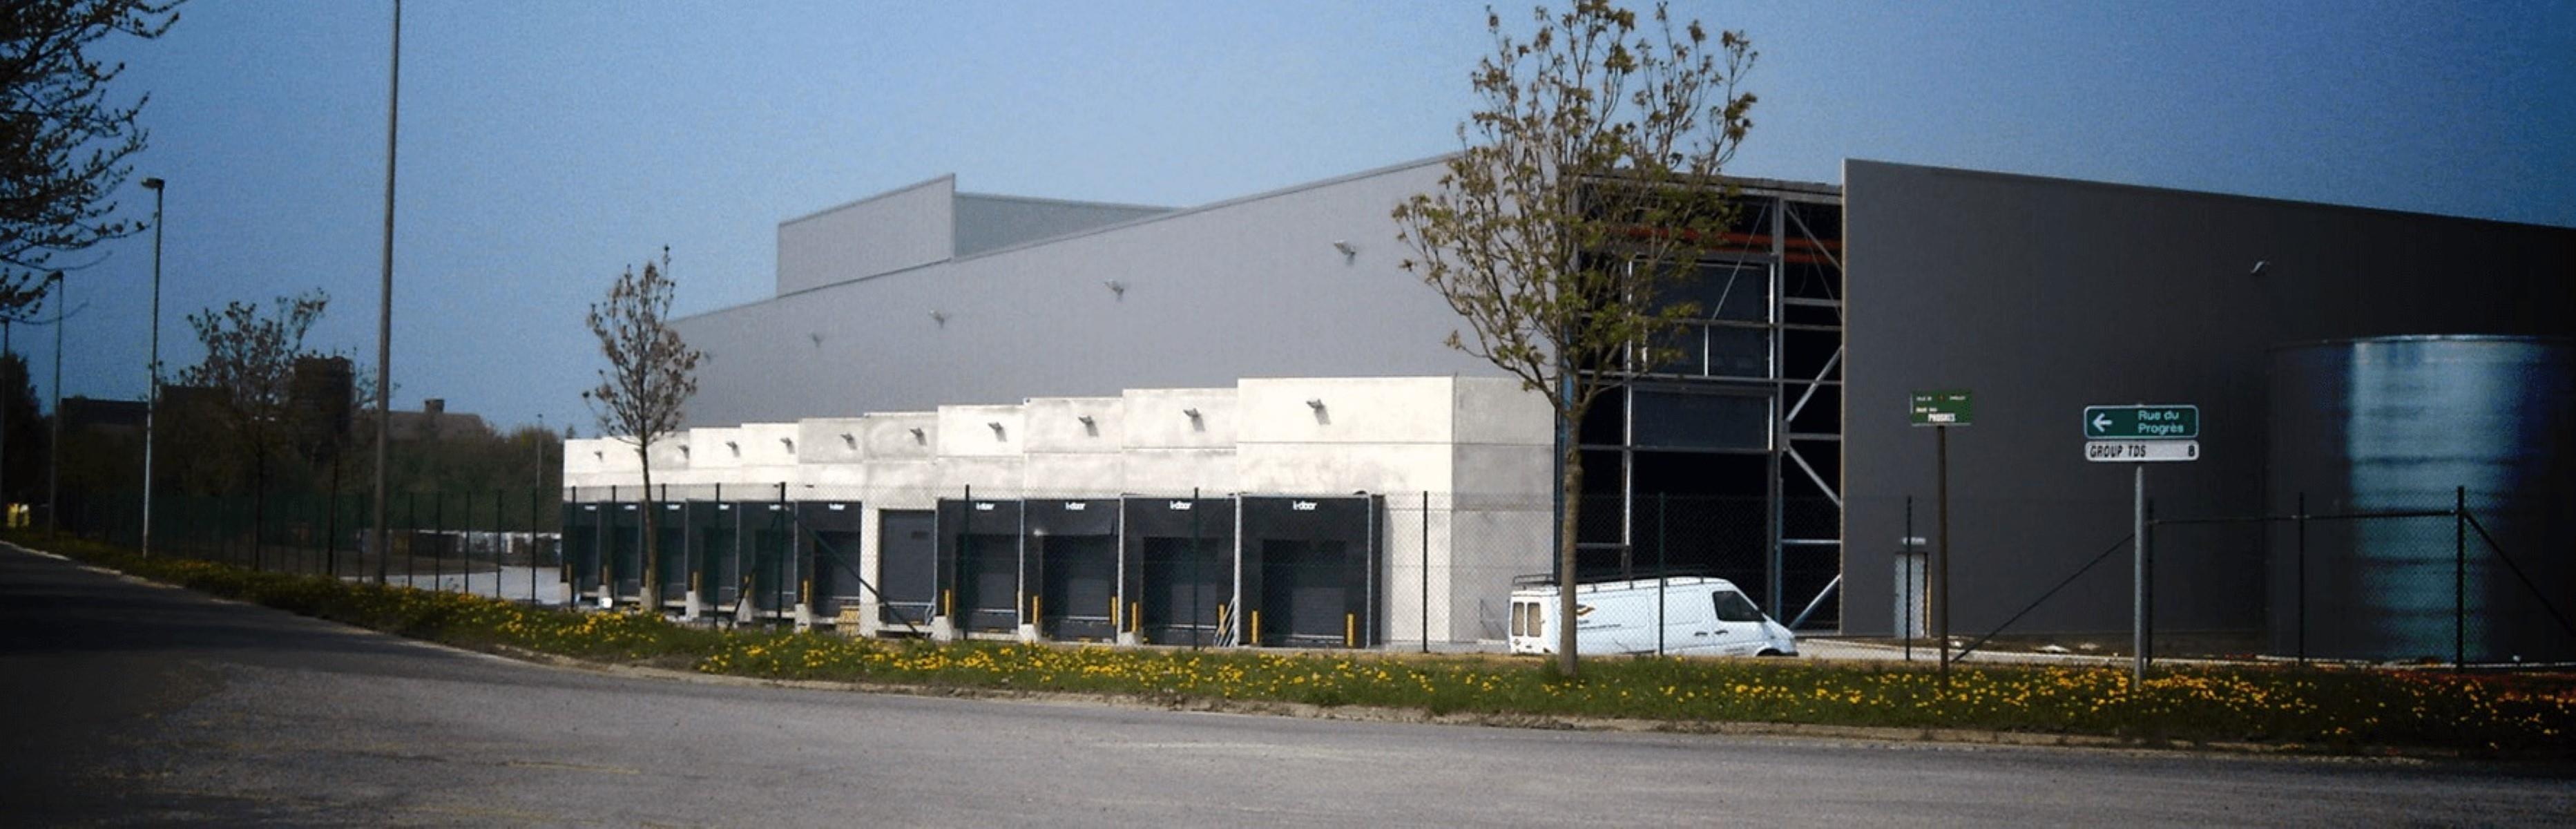 industrieel gebouw te huur I061 - Chaussee de namur , 1400 Nivelles, België 1